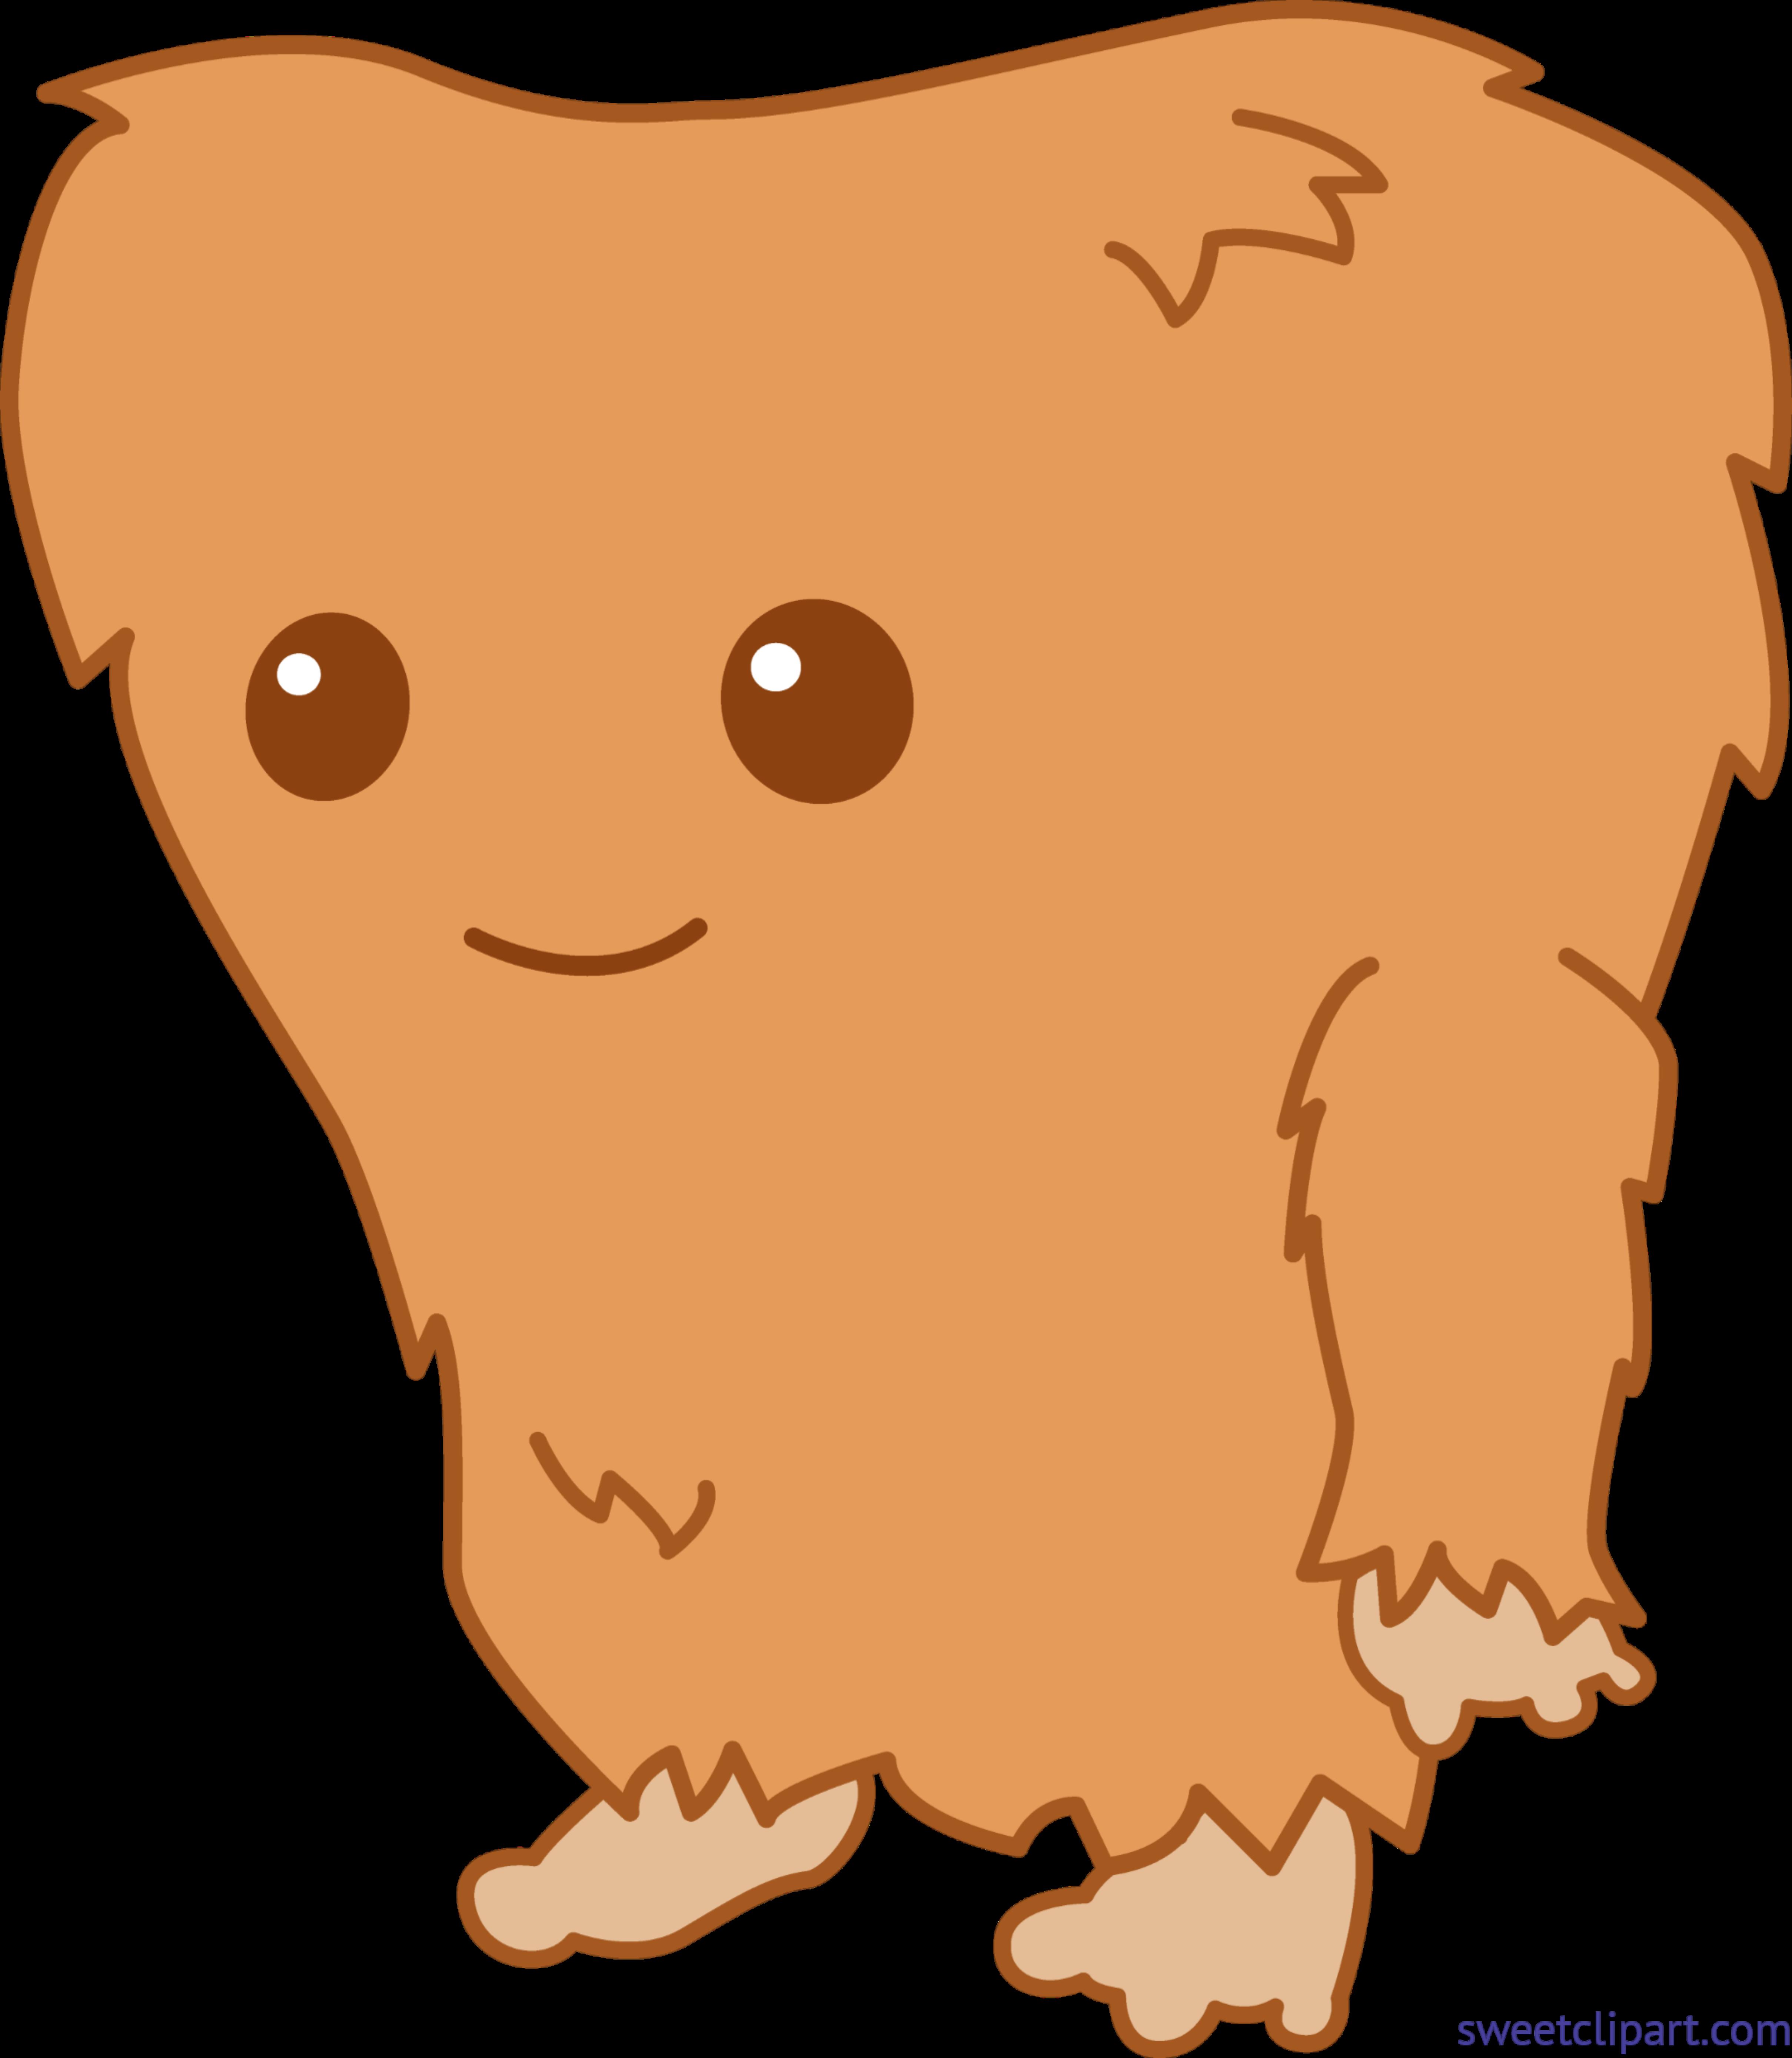 Monster clip art sweet. Bigfoot clipart cute